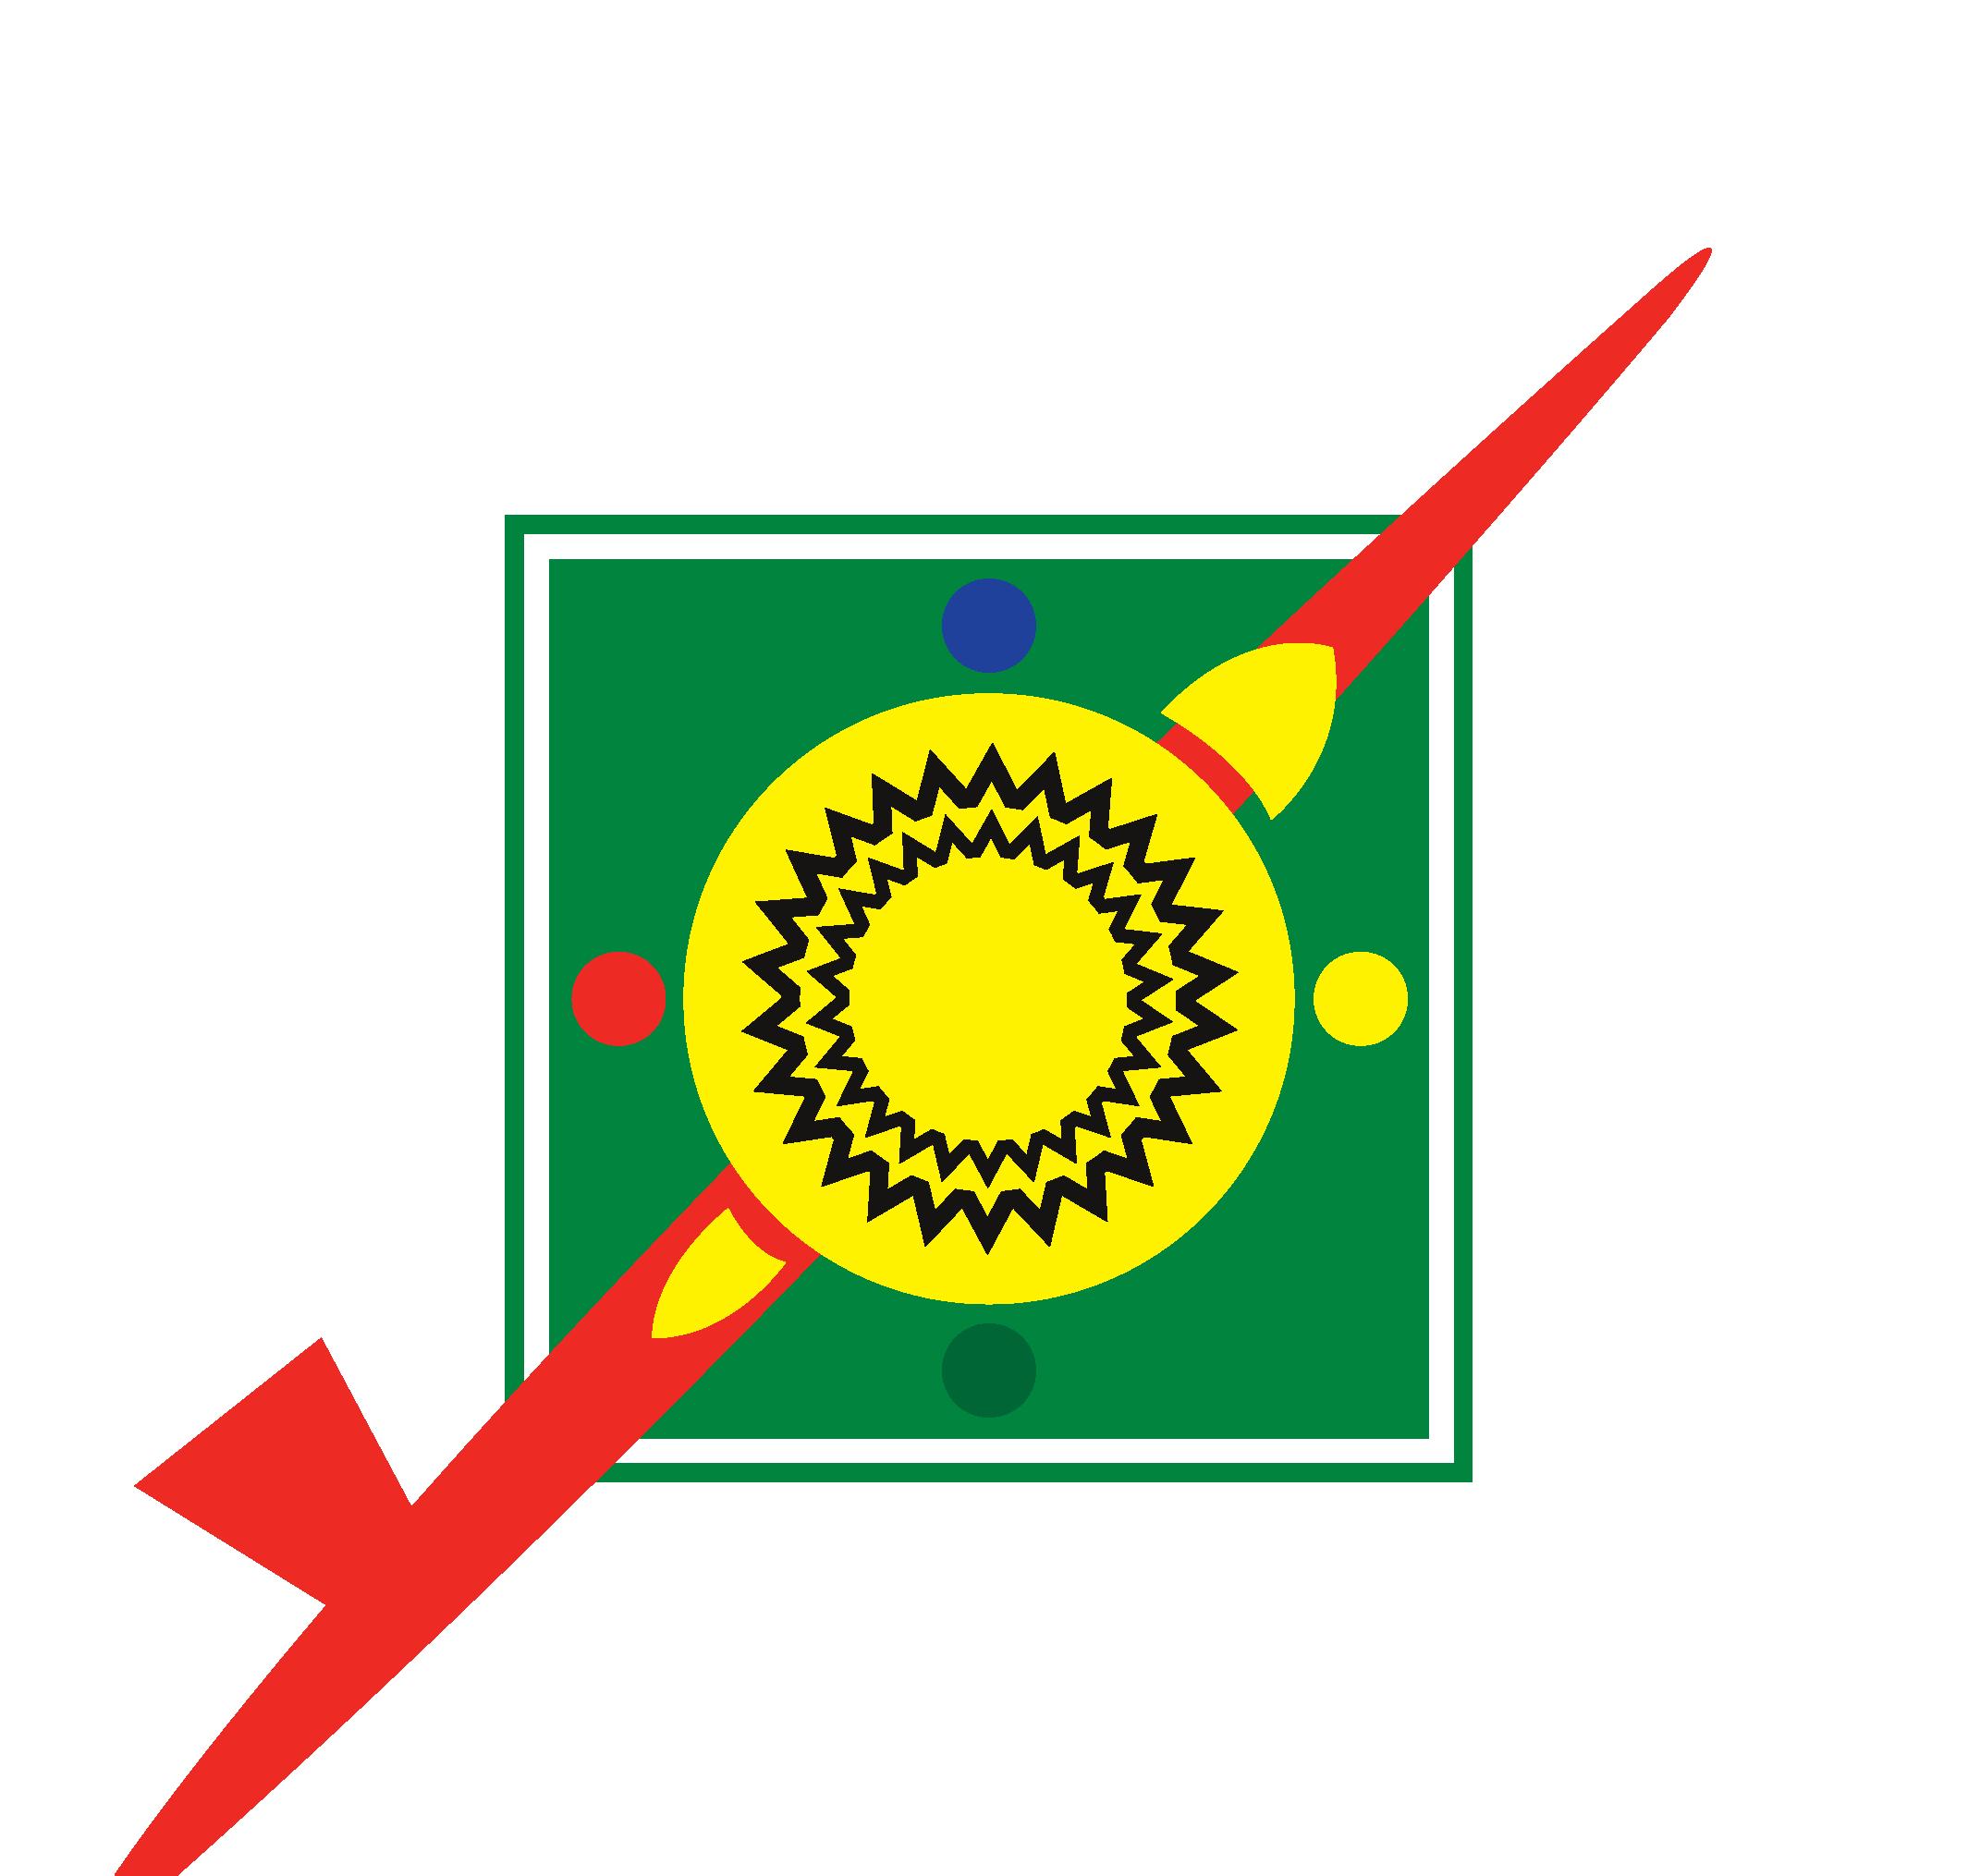 14th Annual LLTC Golf Classic logo